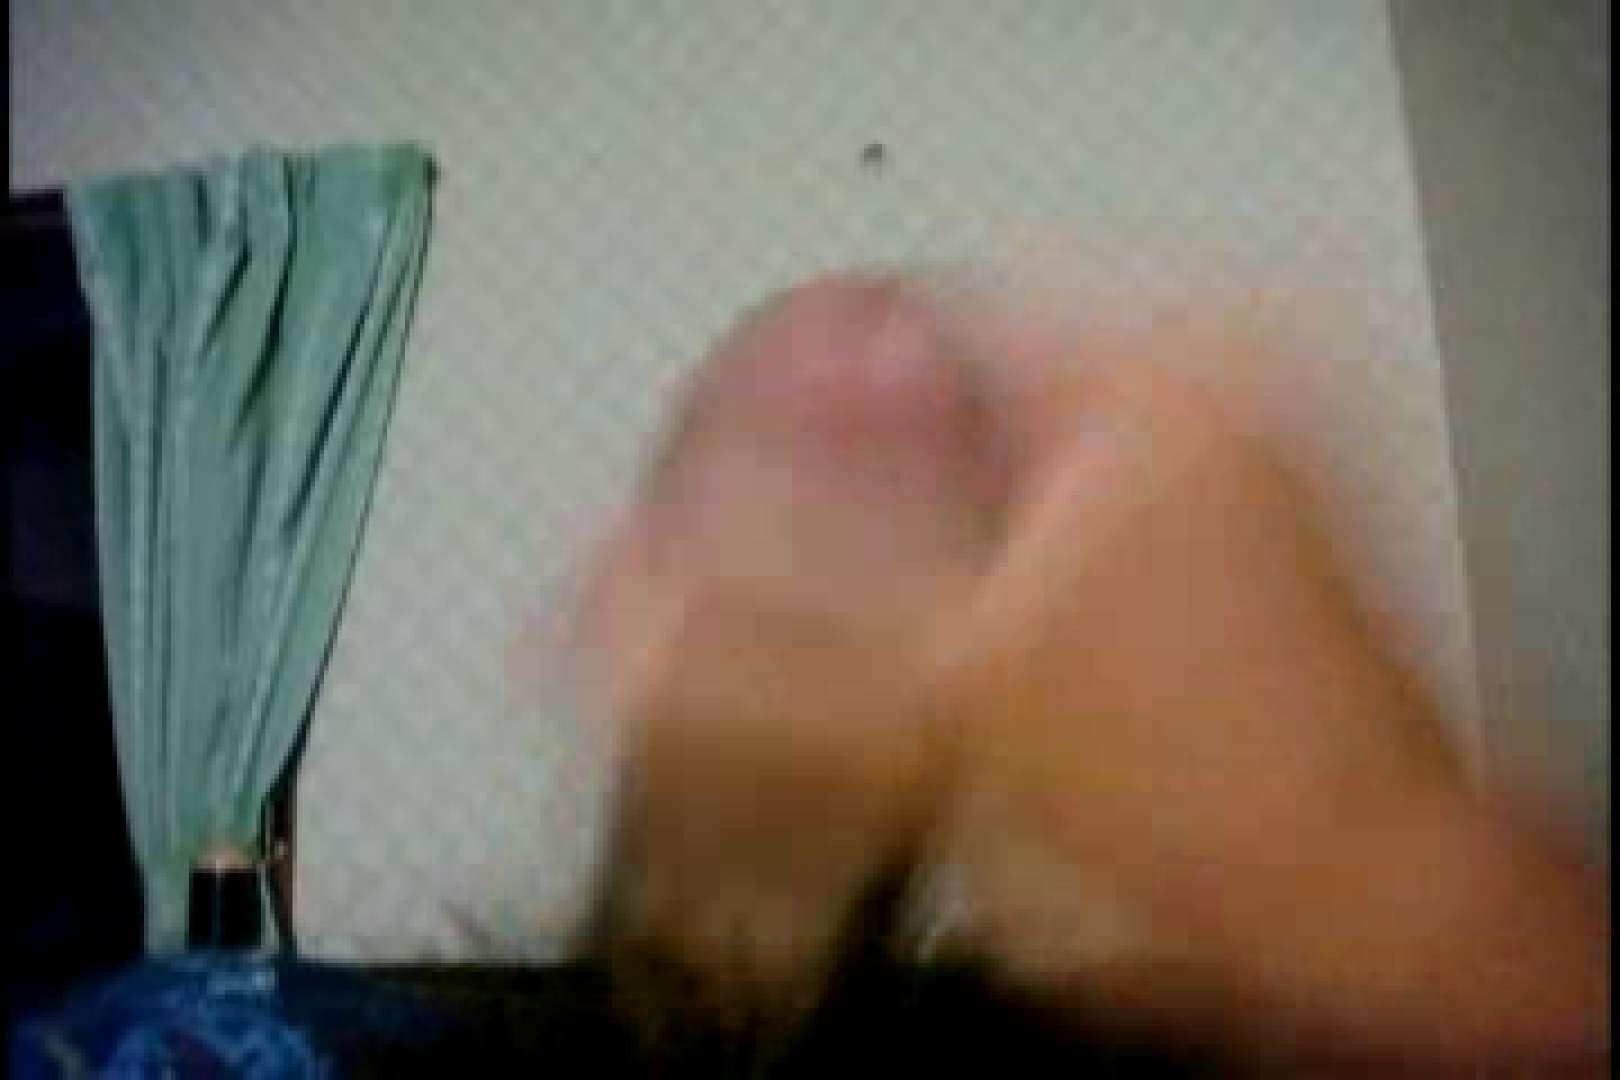 オナ好きノンケテニス部員の自画撮り投稿vol.03 いやらしいノンケ ゲイ丸見え画像 12枚 6